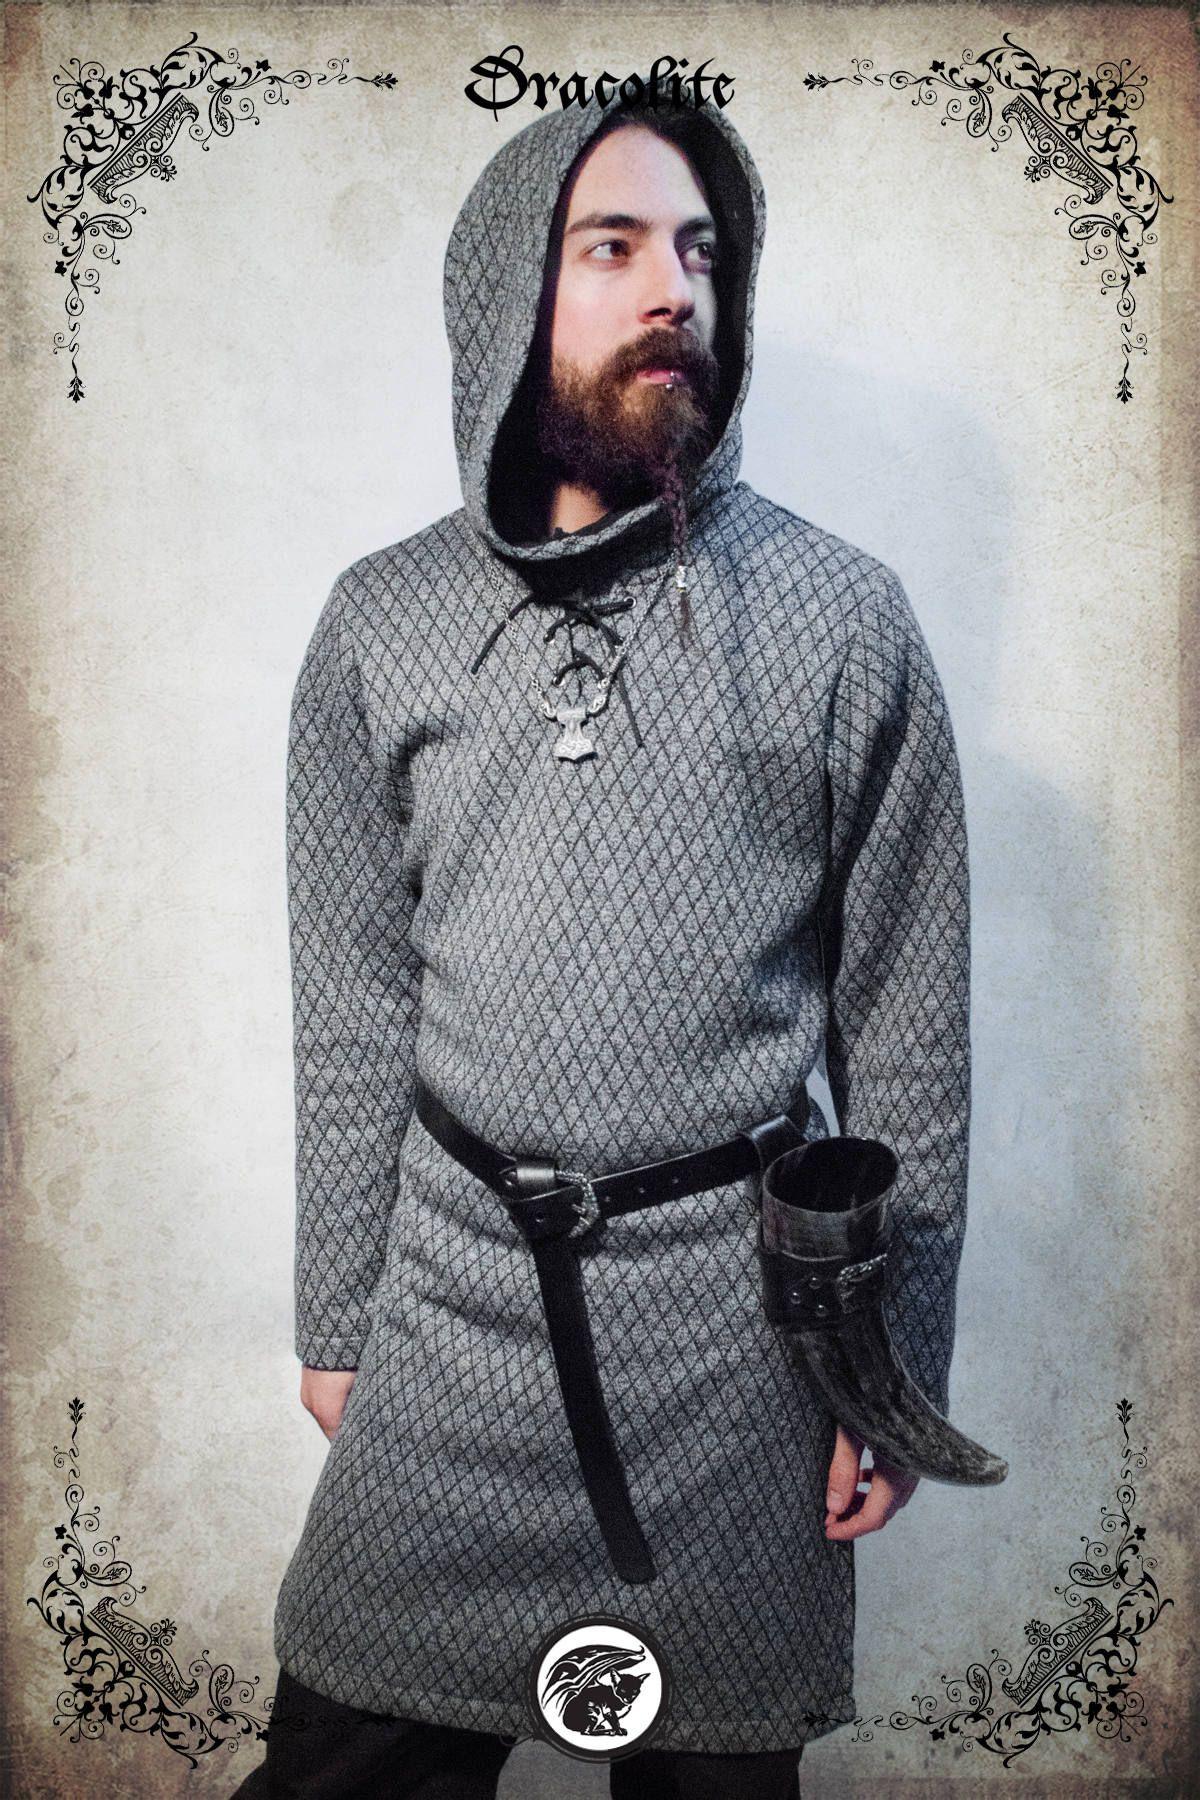 viking tunic,medieval tunic,viking clothing men,viking archer,hunter shirt,medieval dress,celtic dragon,folk,tribal tunic,celtic,linen